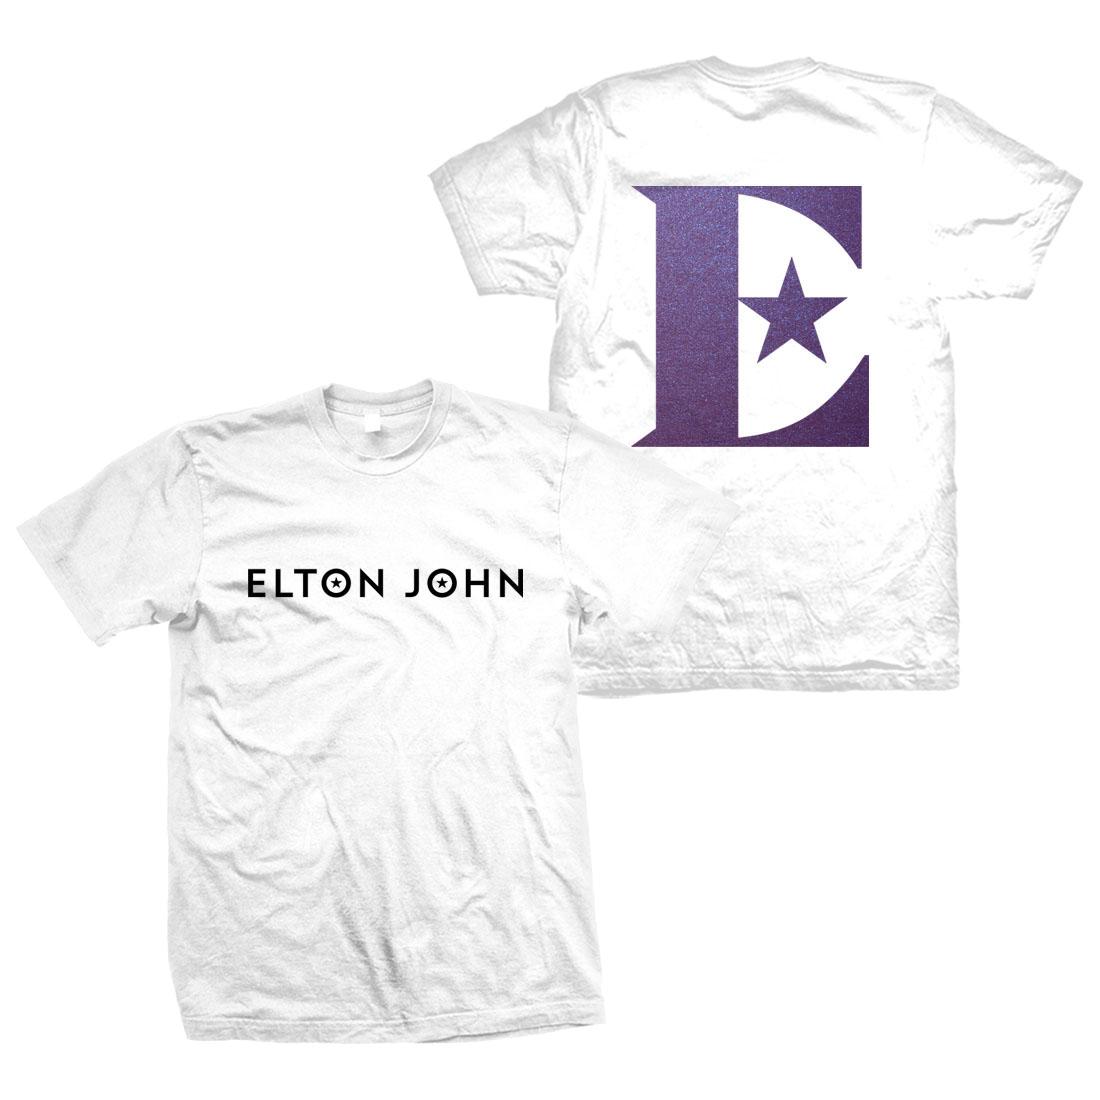 Elton John: Glittered Logo Short Sleeve T-Shirt – White